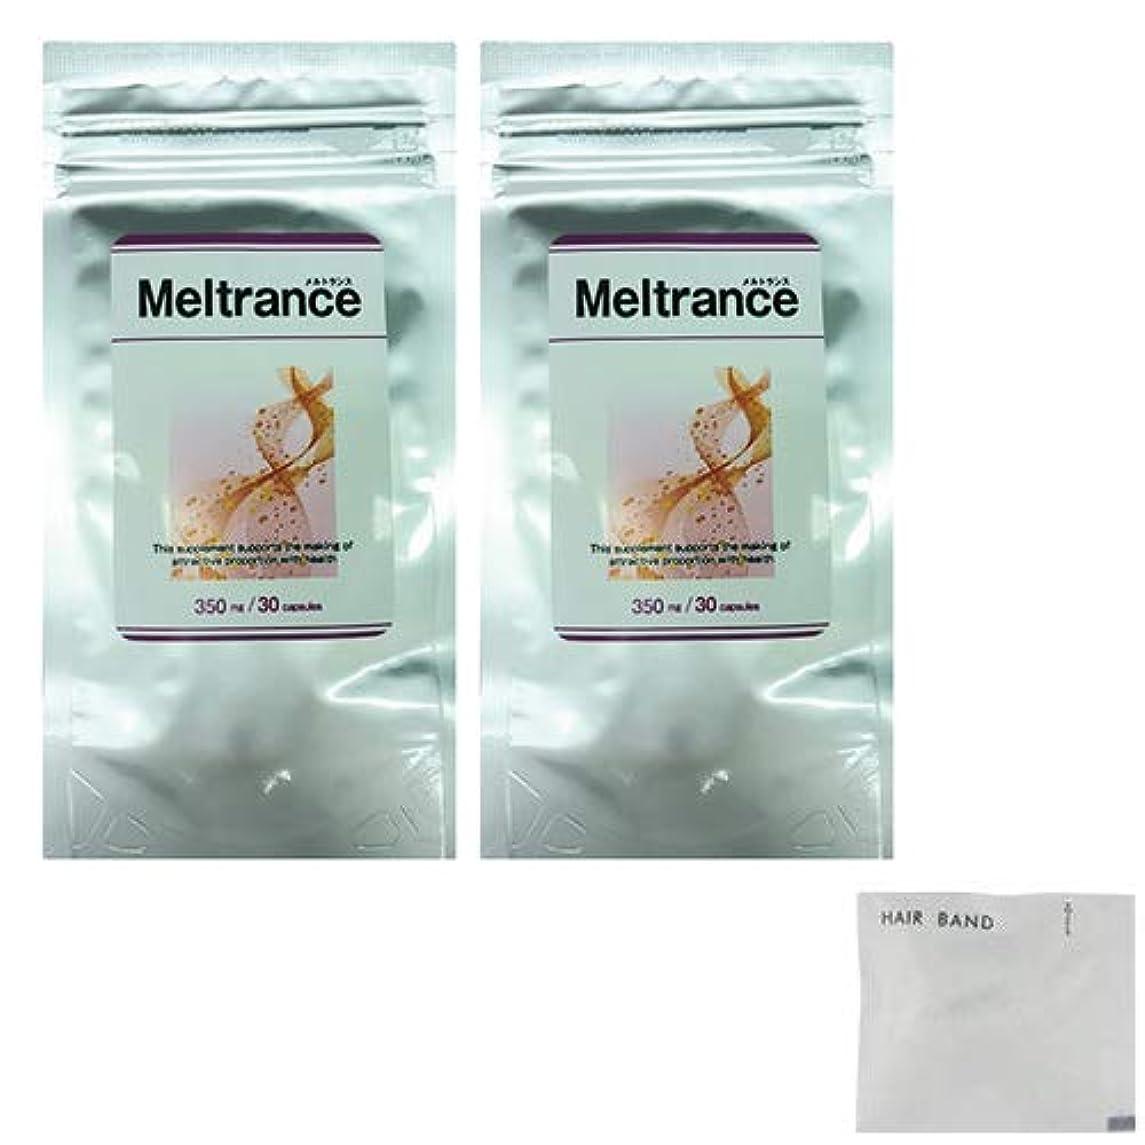 前部弱める商品メルトランス(Meltrance) サプリメント 30粒×2個 + ヘアゴム(カラーはおまかせ)セット